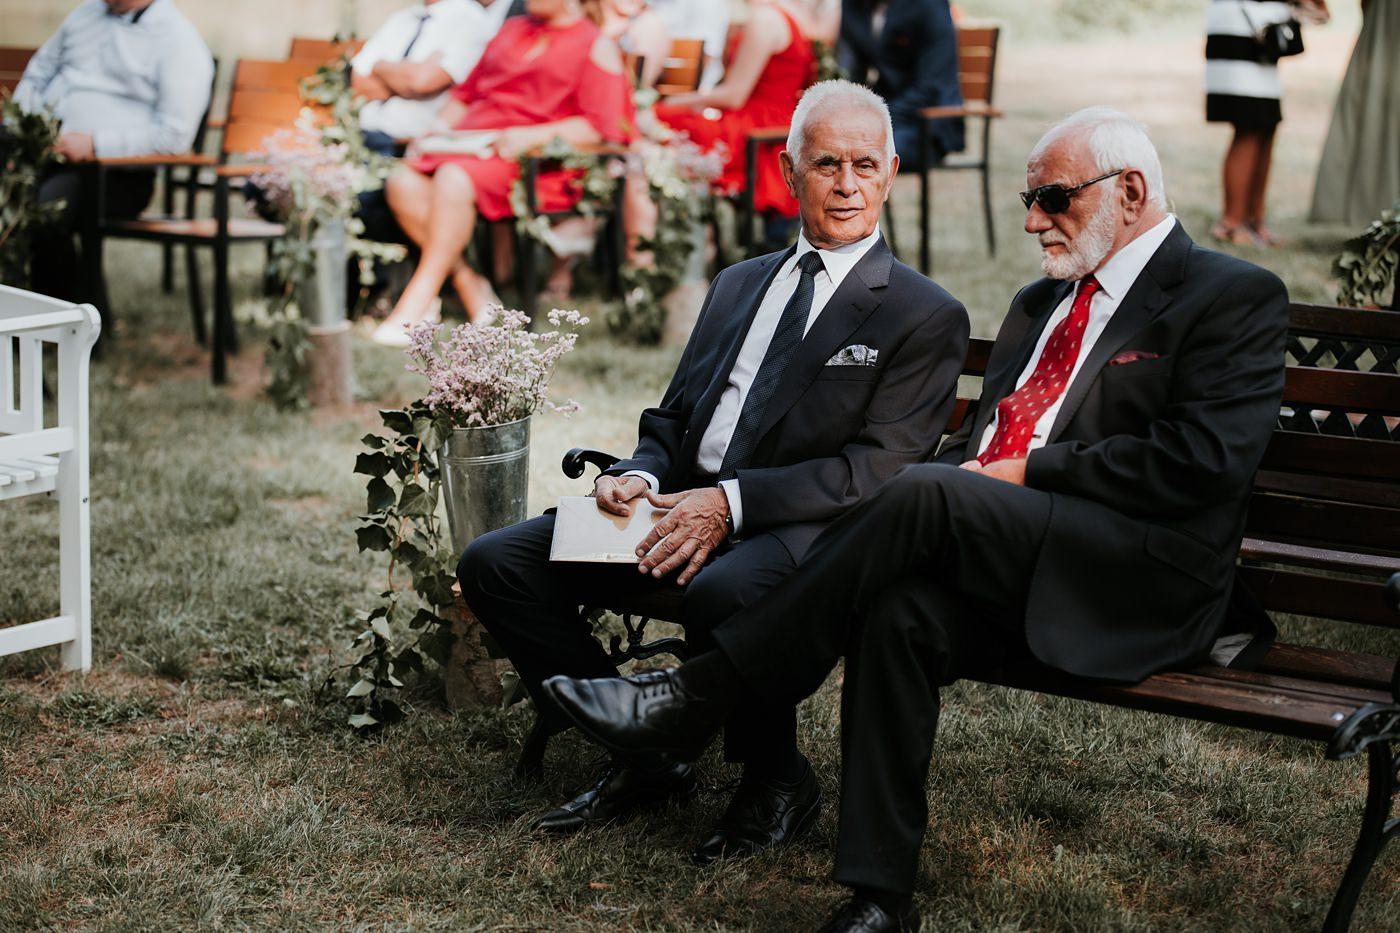 Anna & Wojtek - Ślub cywilny w plenerze - Barnówko w Sam Las 52